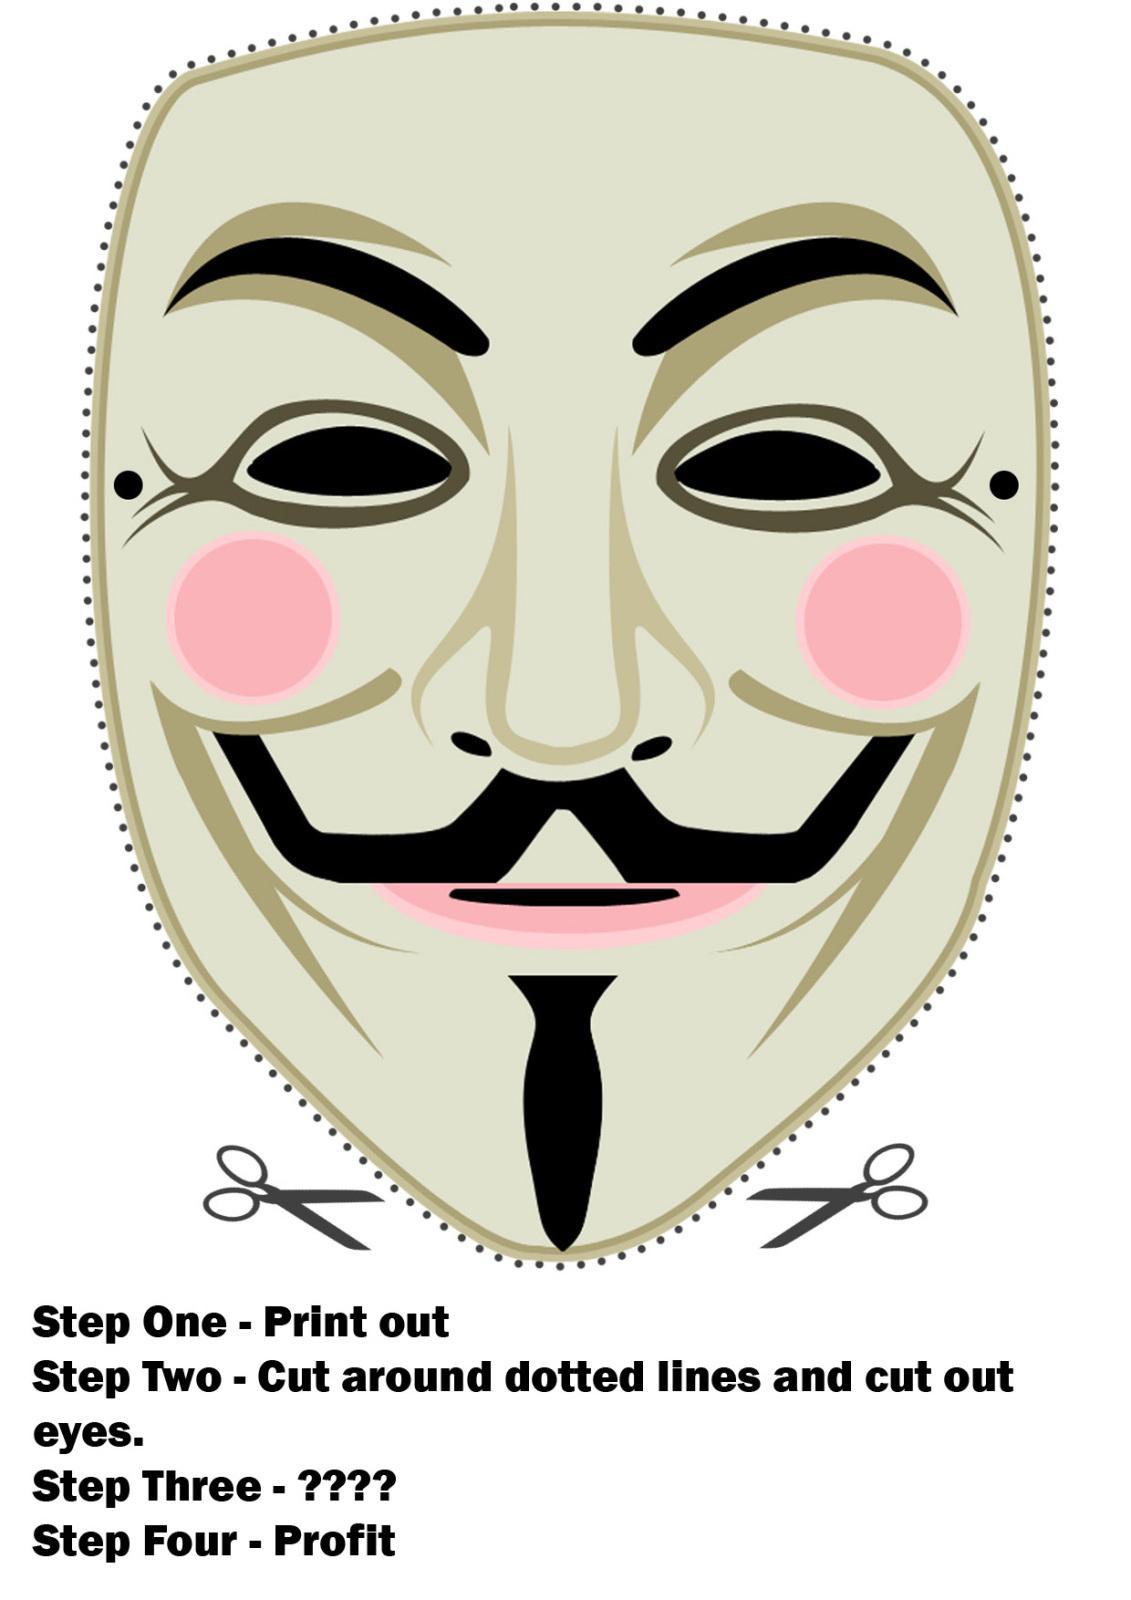 Guy Fawkes Maske Zum Selber Ausdrucken | -=Damax=- für Masken Zum Ausdrucken